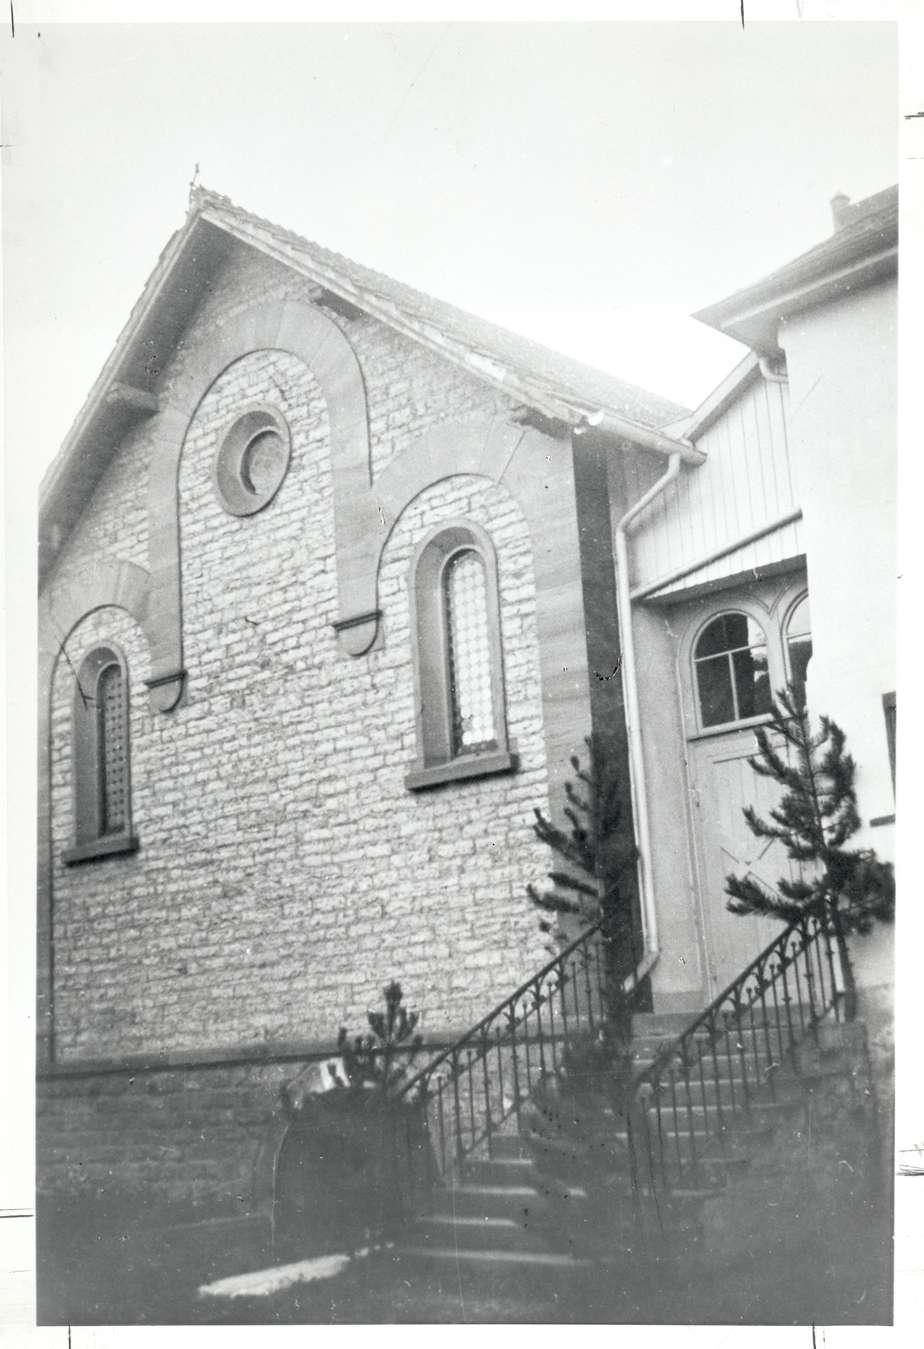 Königheim, TBB; Synagoge, Vorderansicht, Bild 1